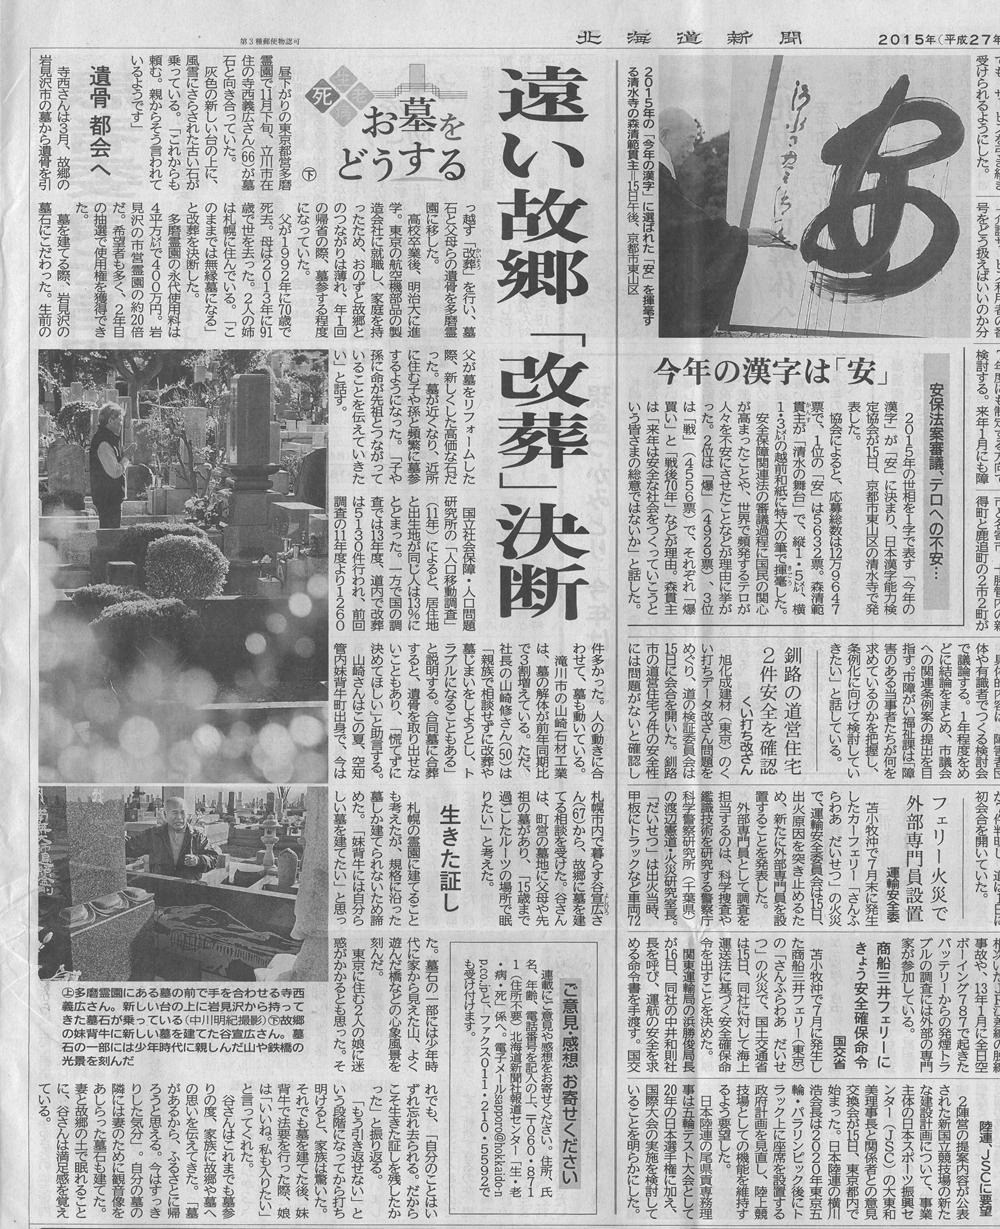 『お墓をどうする』北海道新聞掲載記事2015年12月16日.jpg